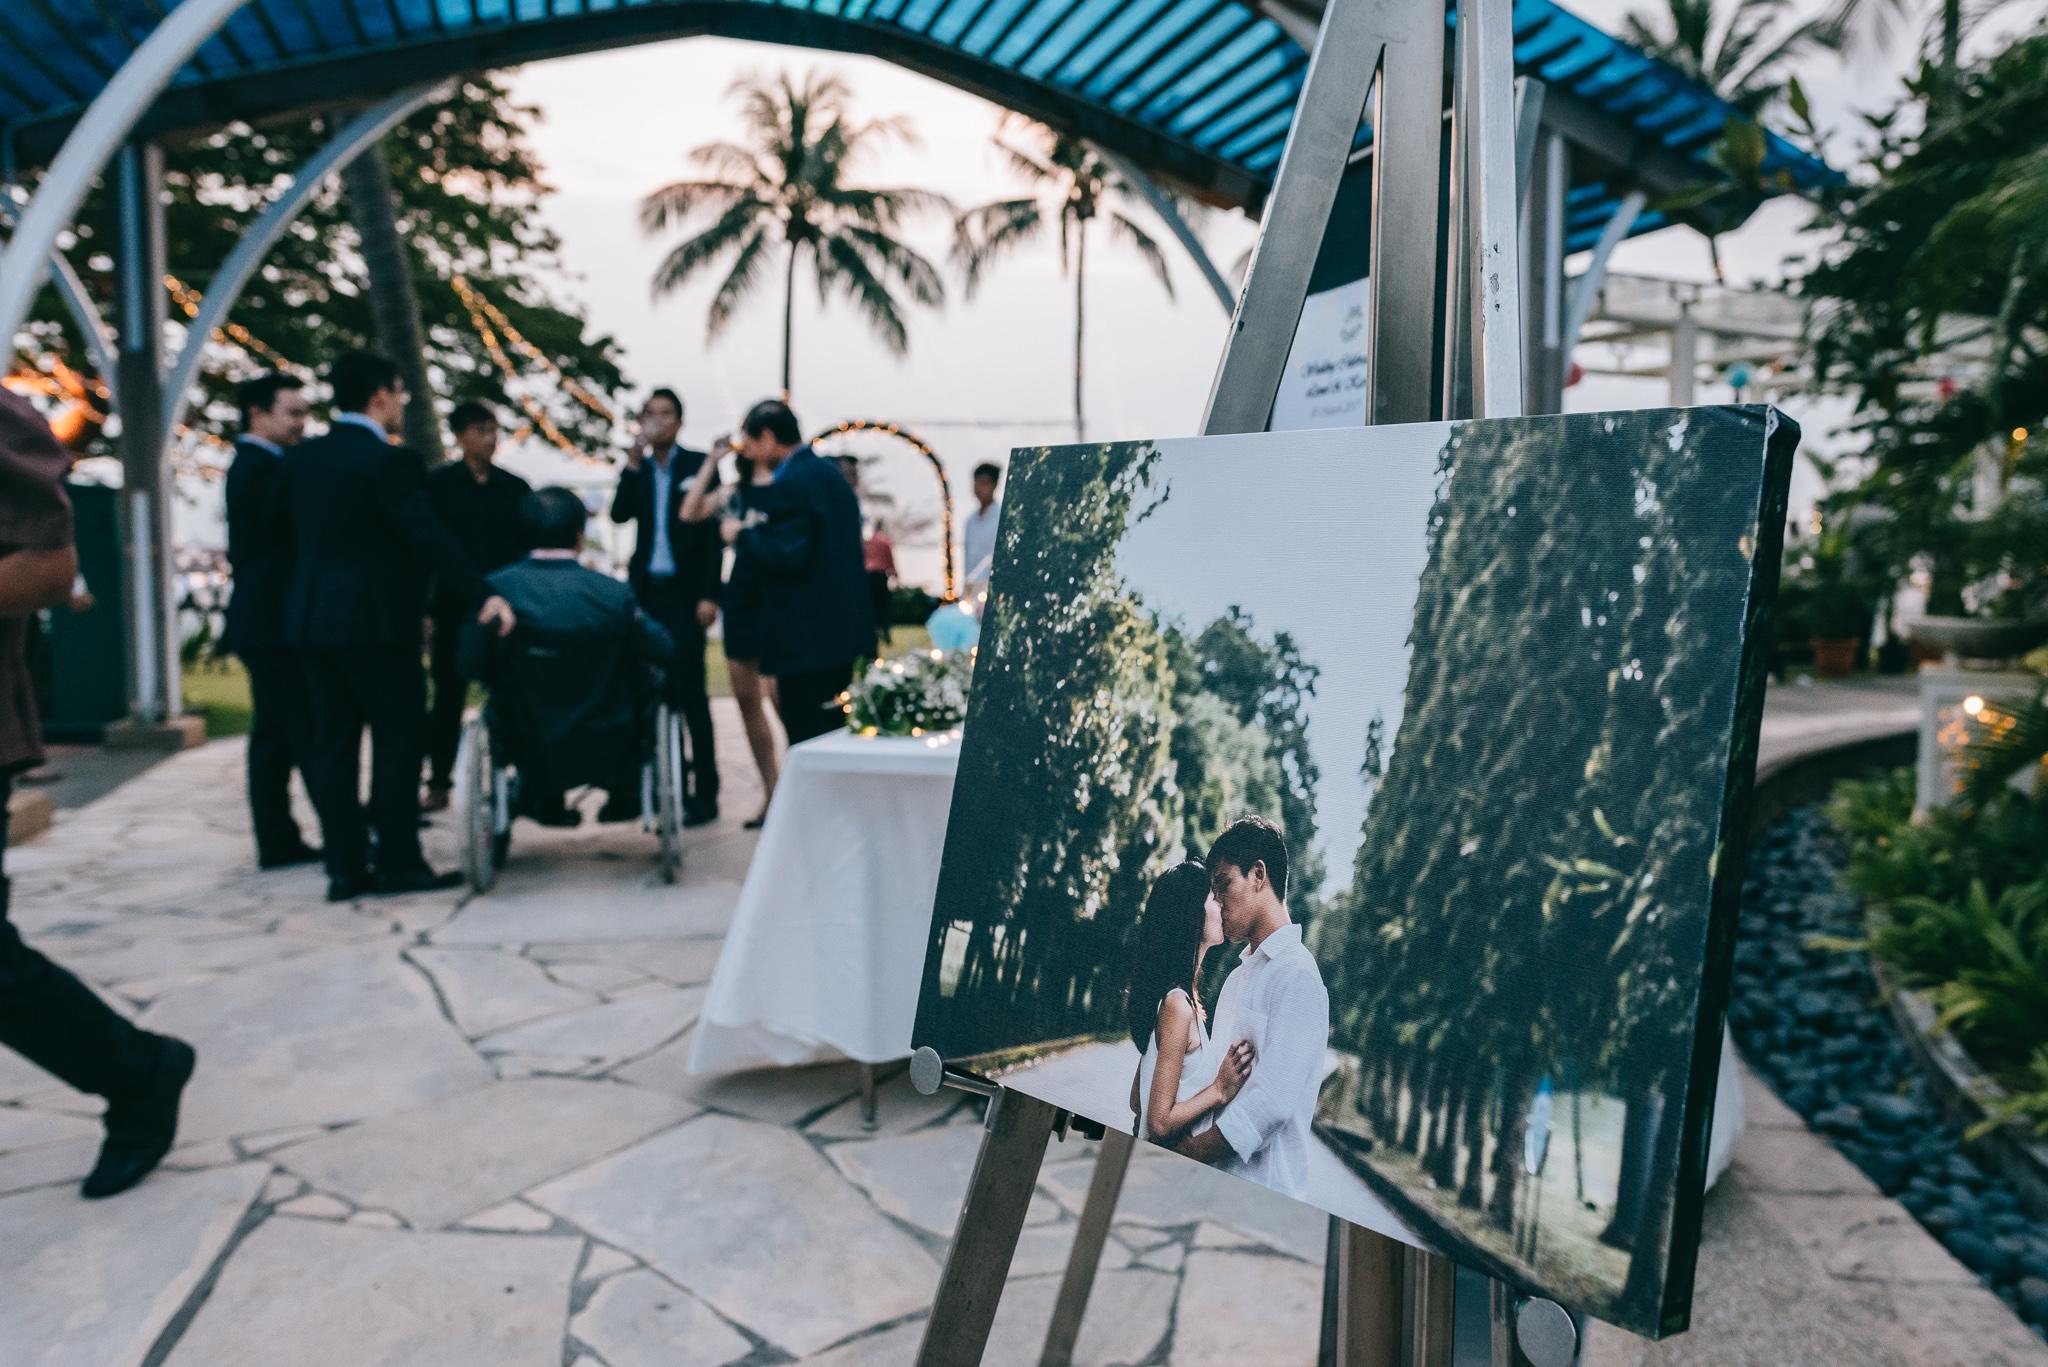 Lionel & Karen Wedding Day Highlights (resized for sharing) - 166.jpg